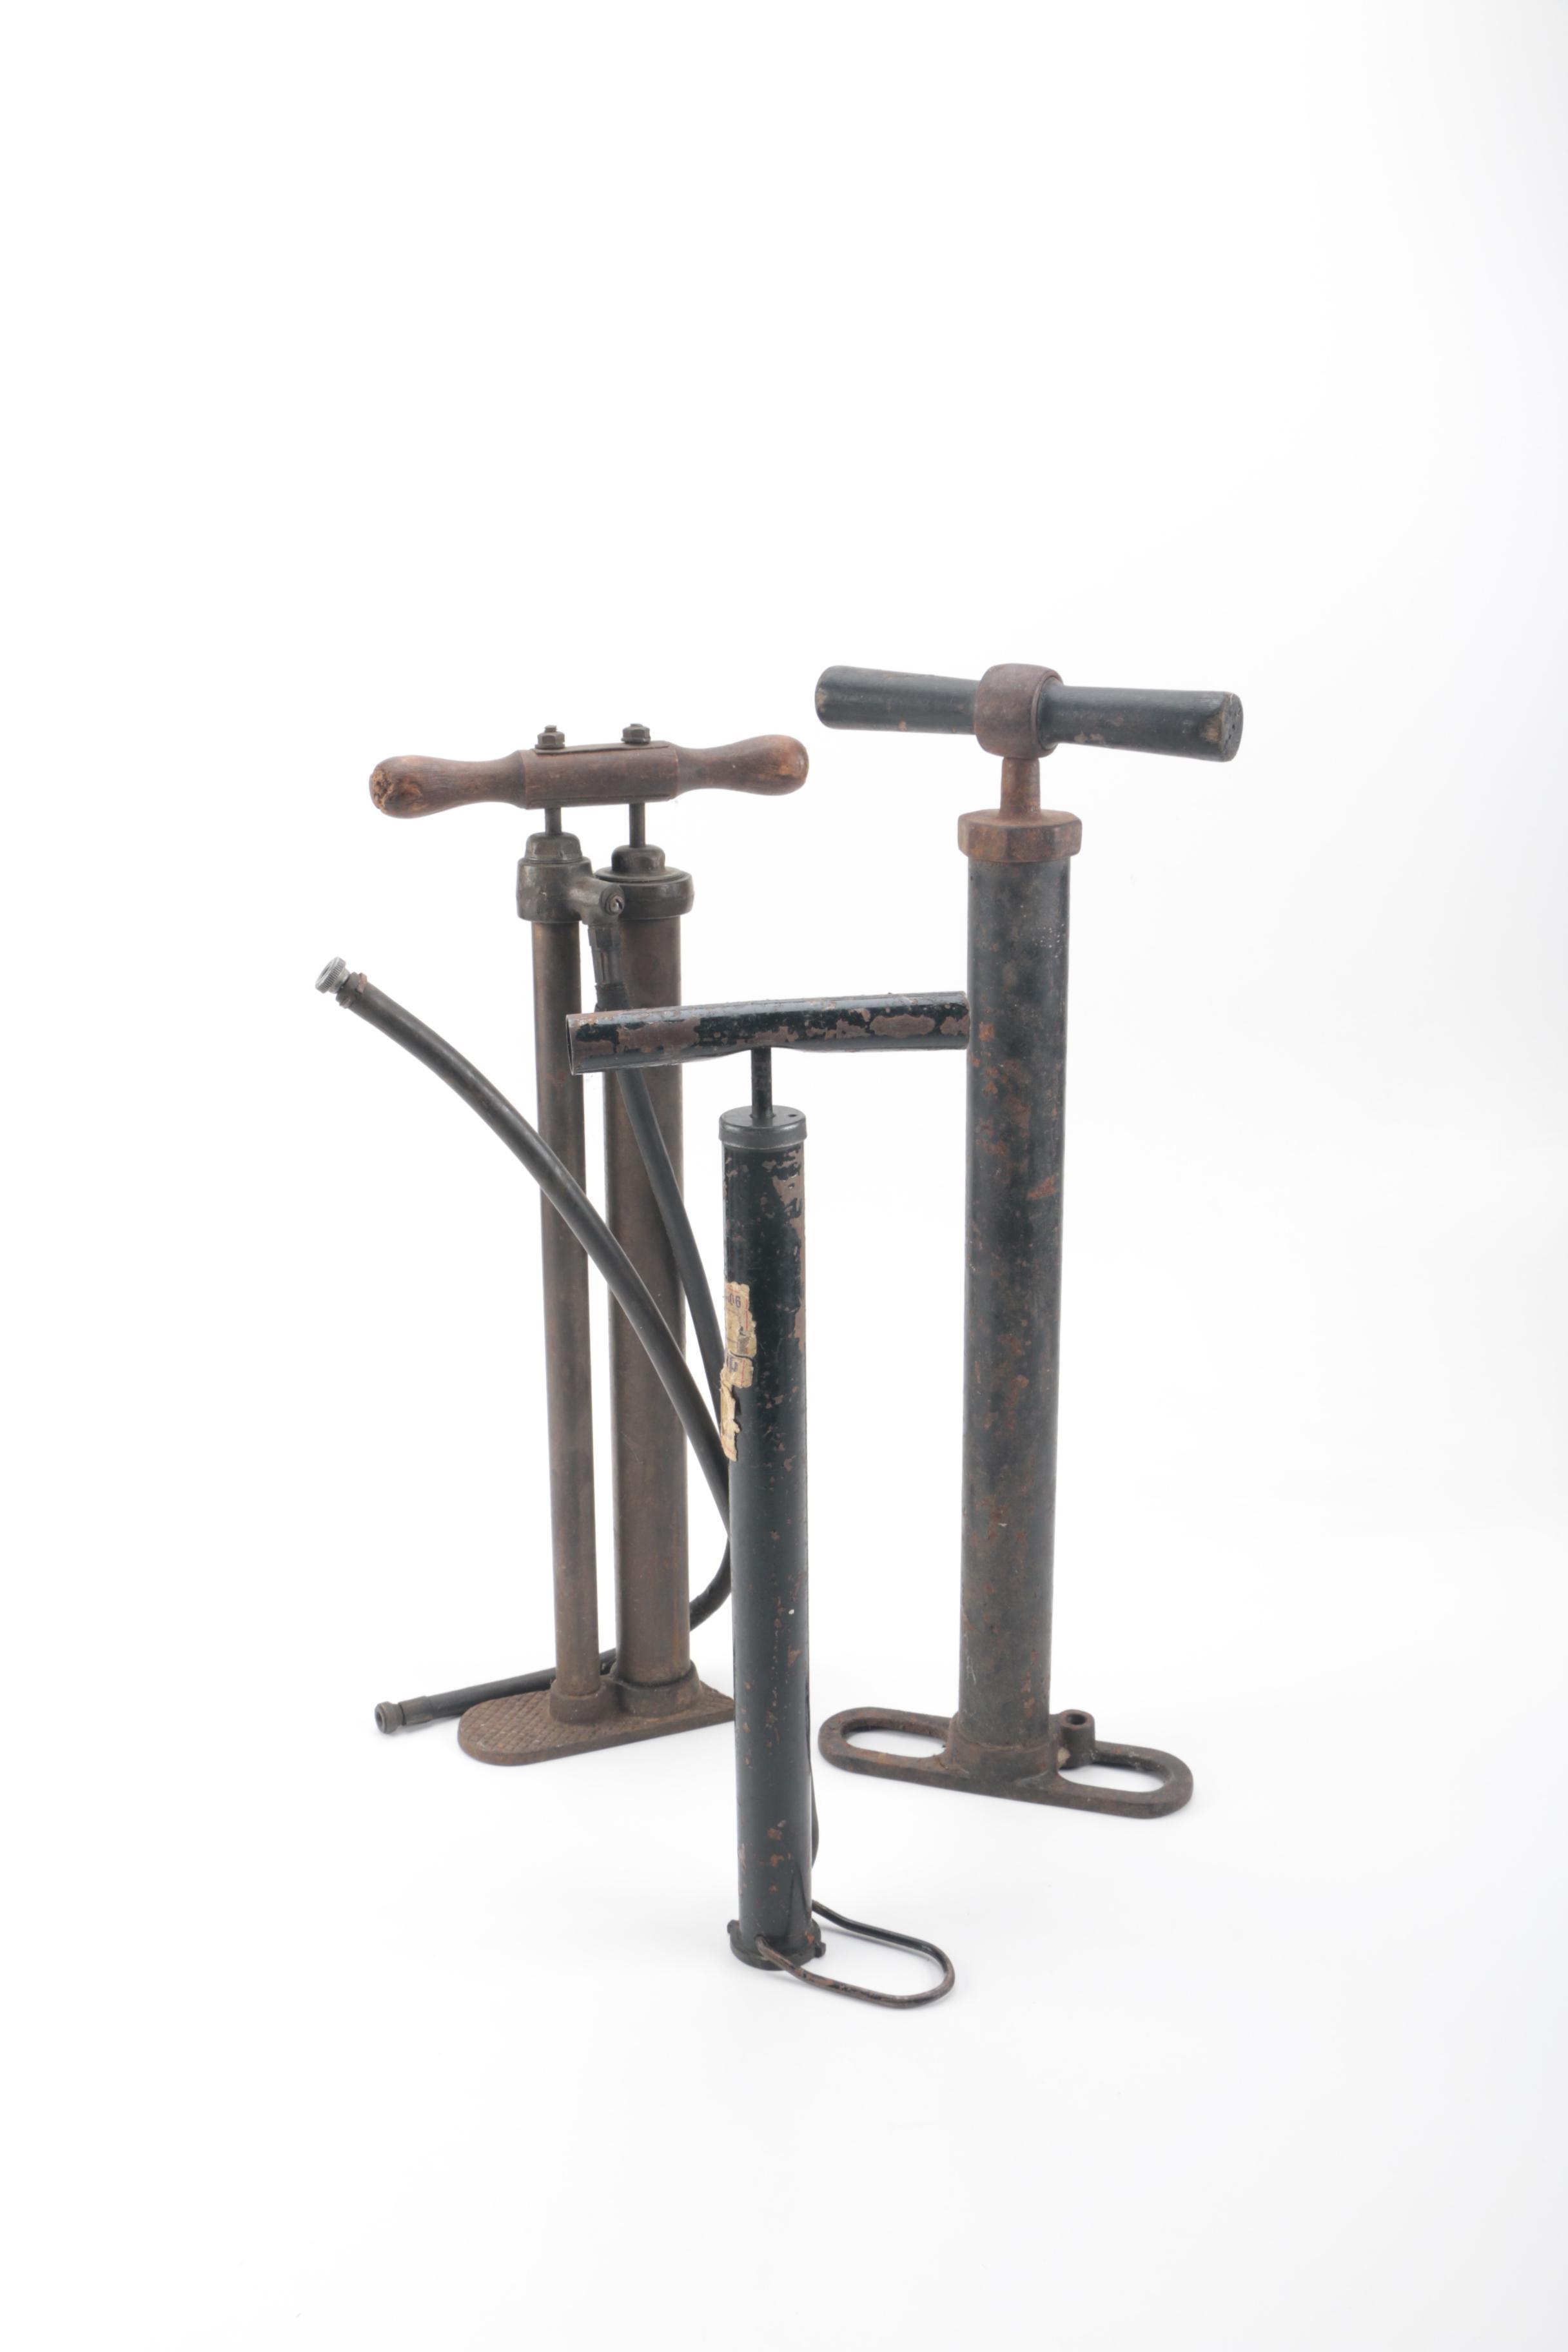 Three Vintage Air Pumps